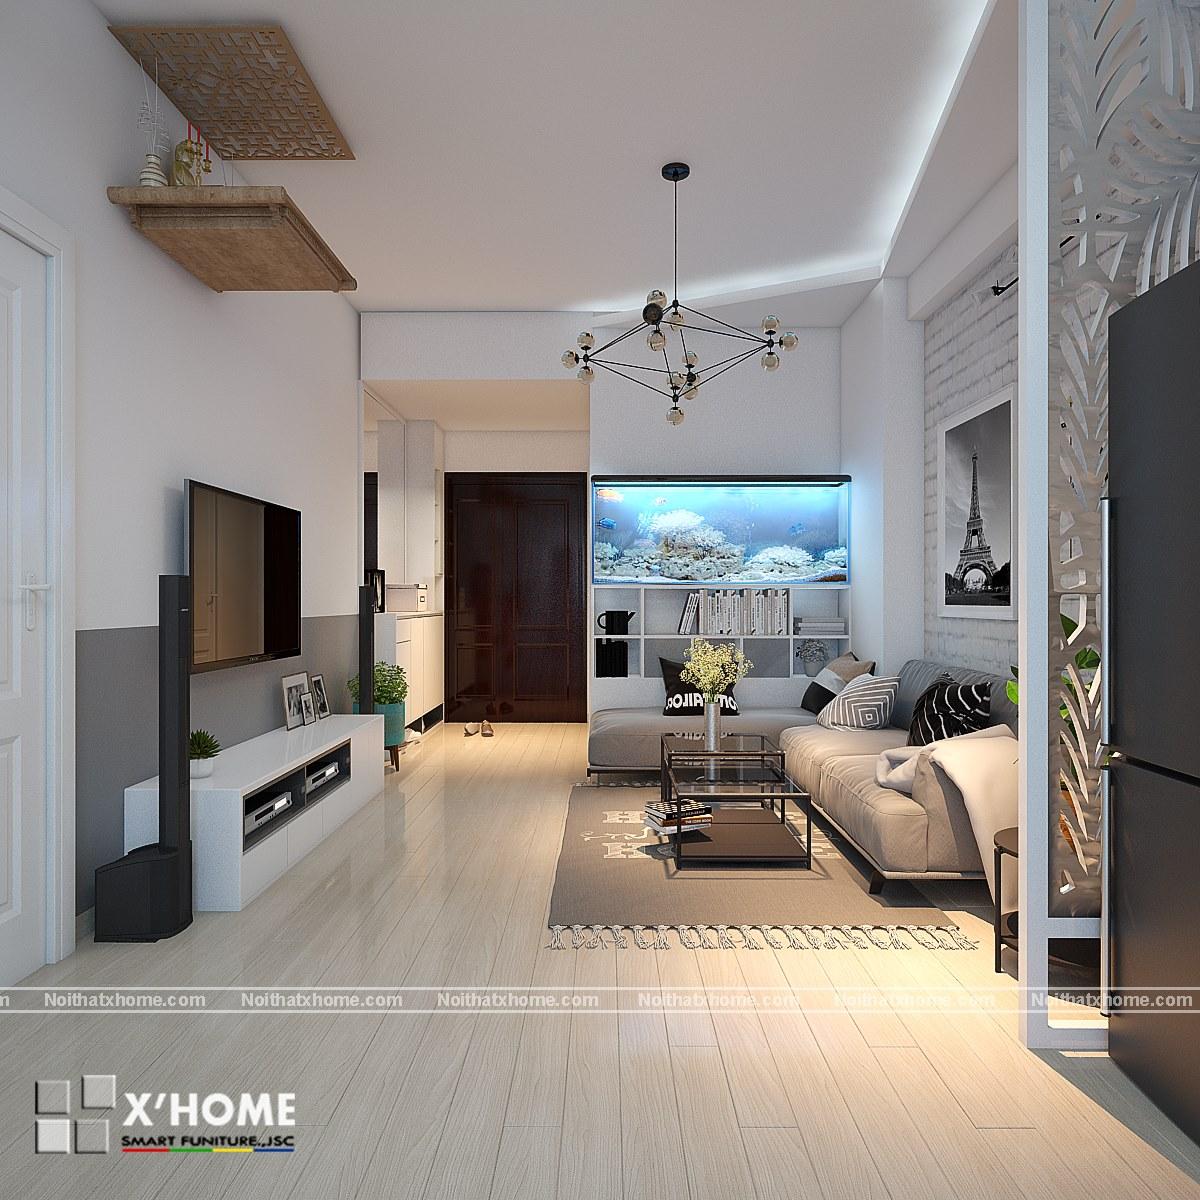 Thiết kế nội thất đẹp cho căn phòng diện tích nhỏ